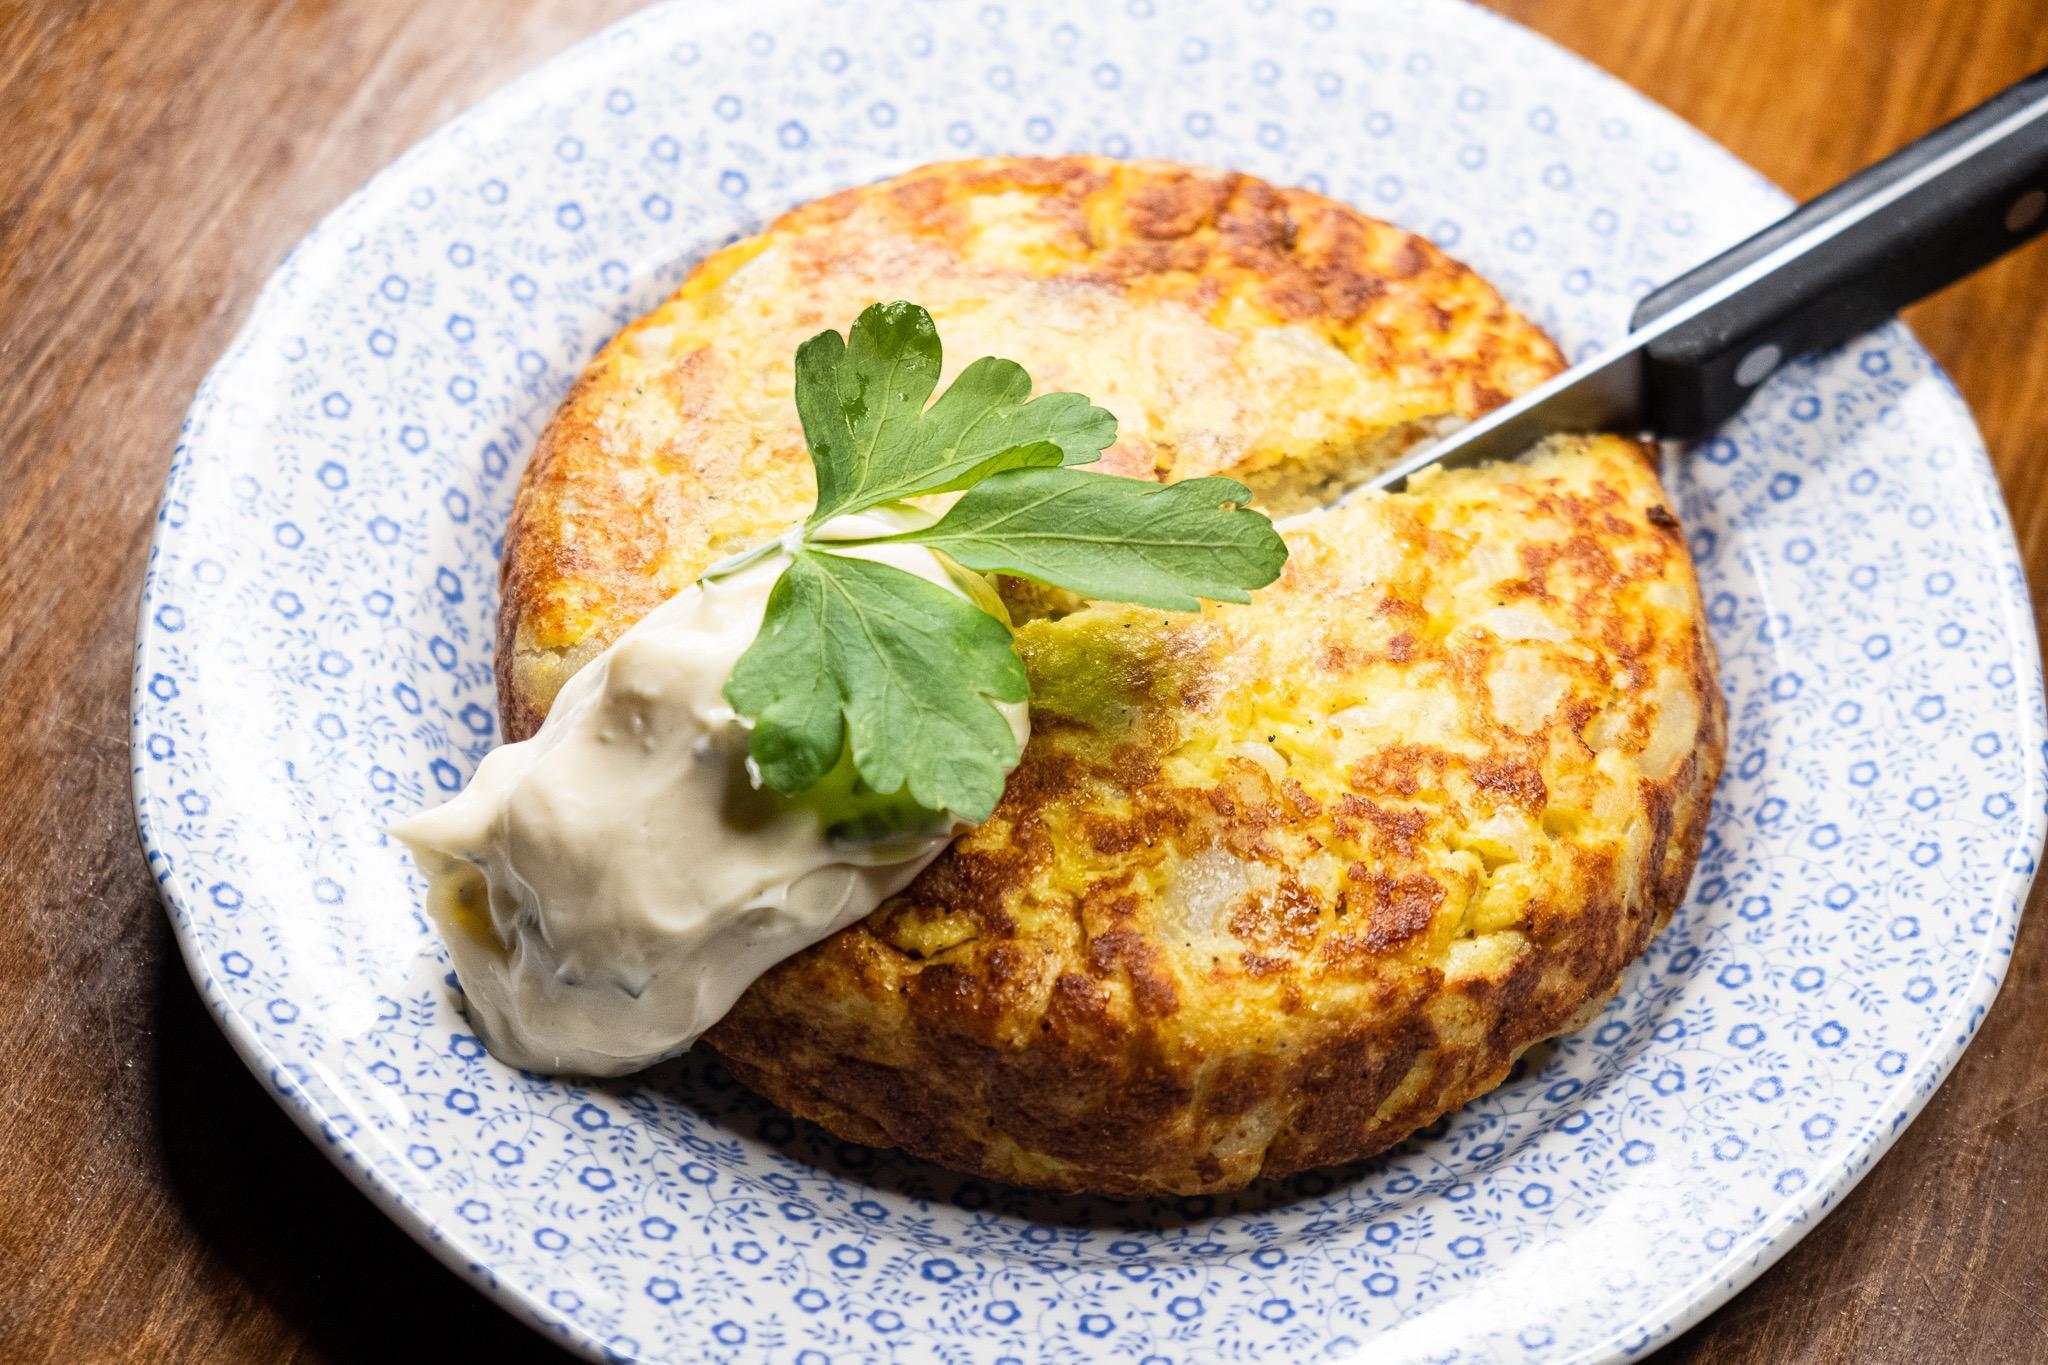 tortilla española (made-to-order)